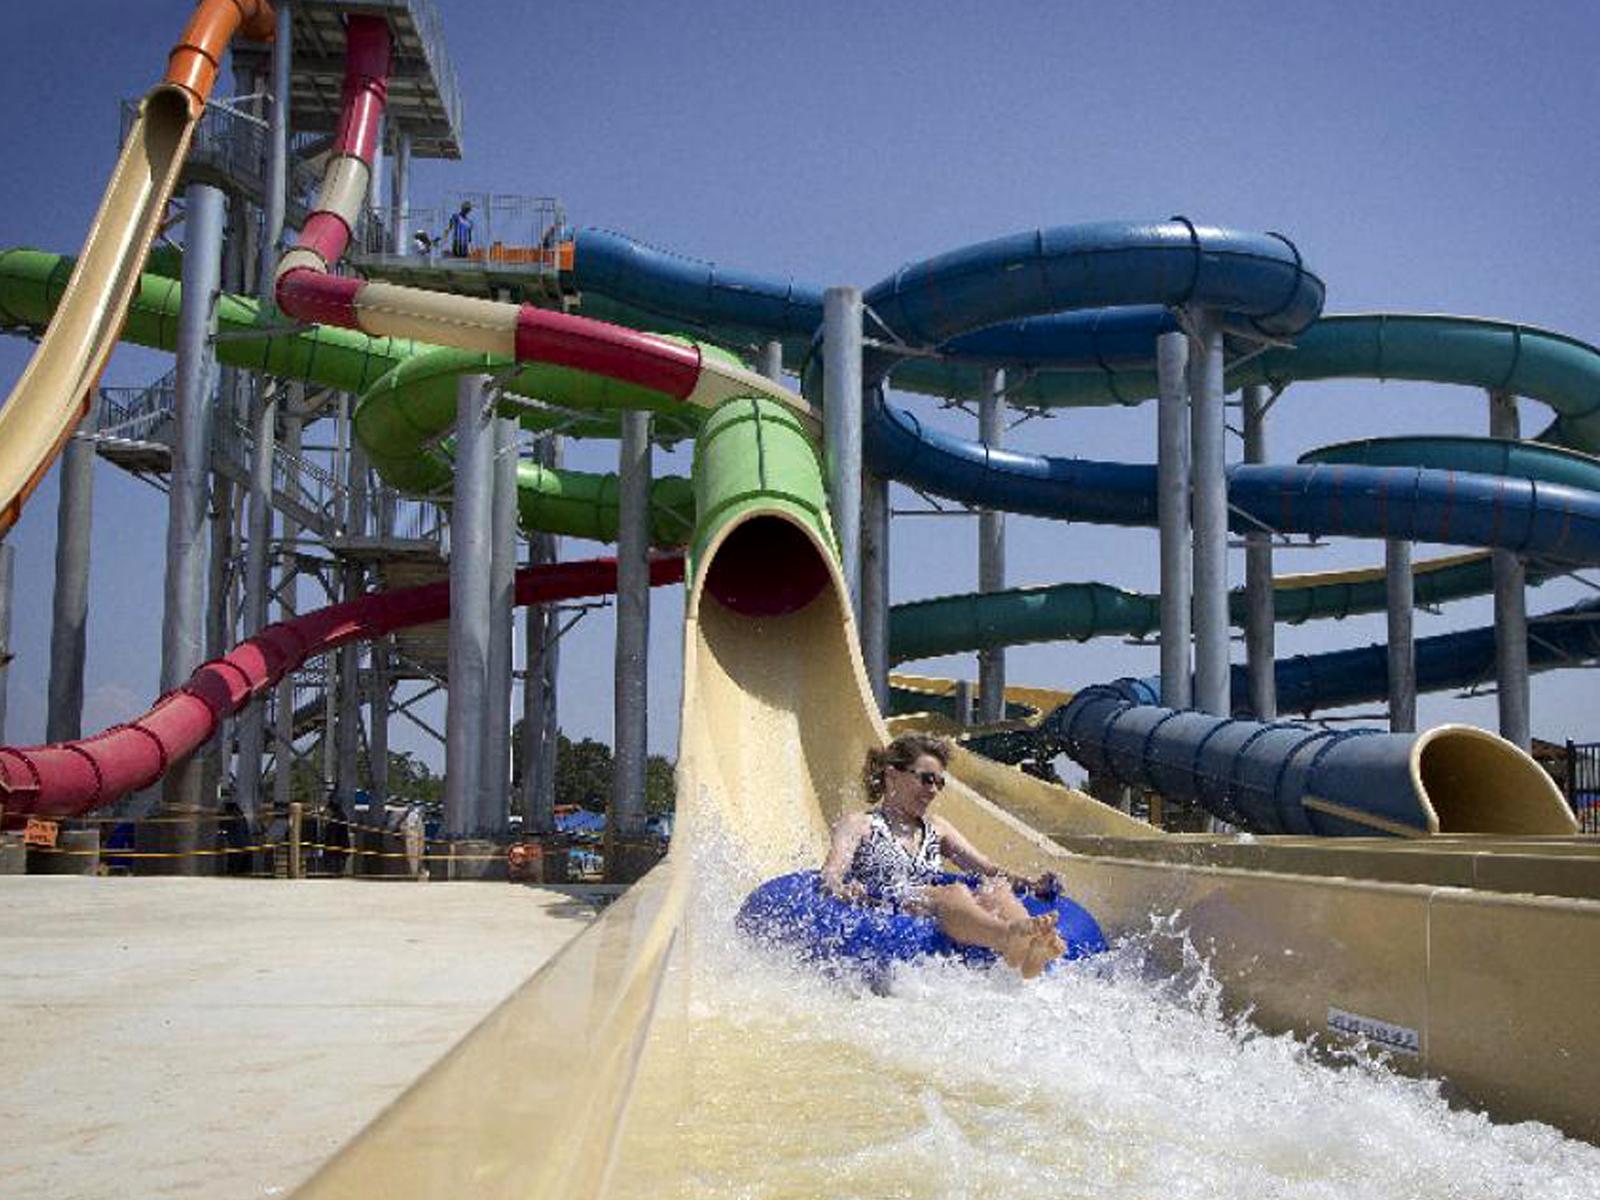 Raft Slide Manufacturer